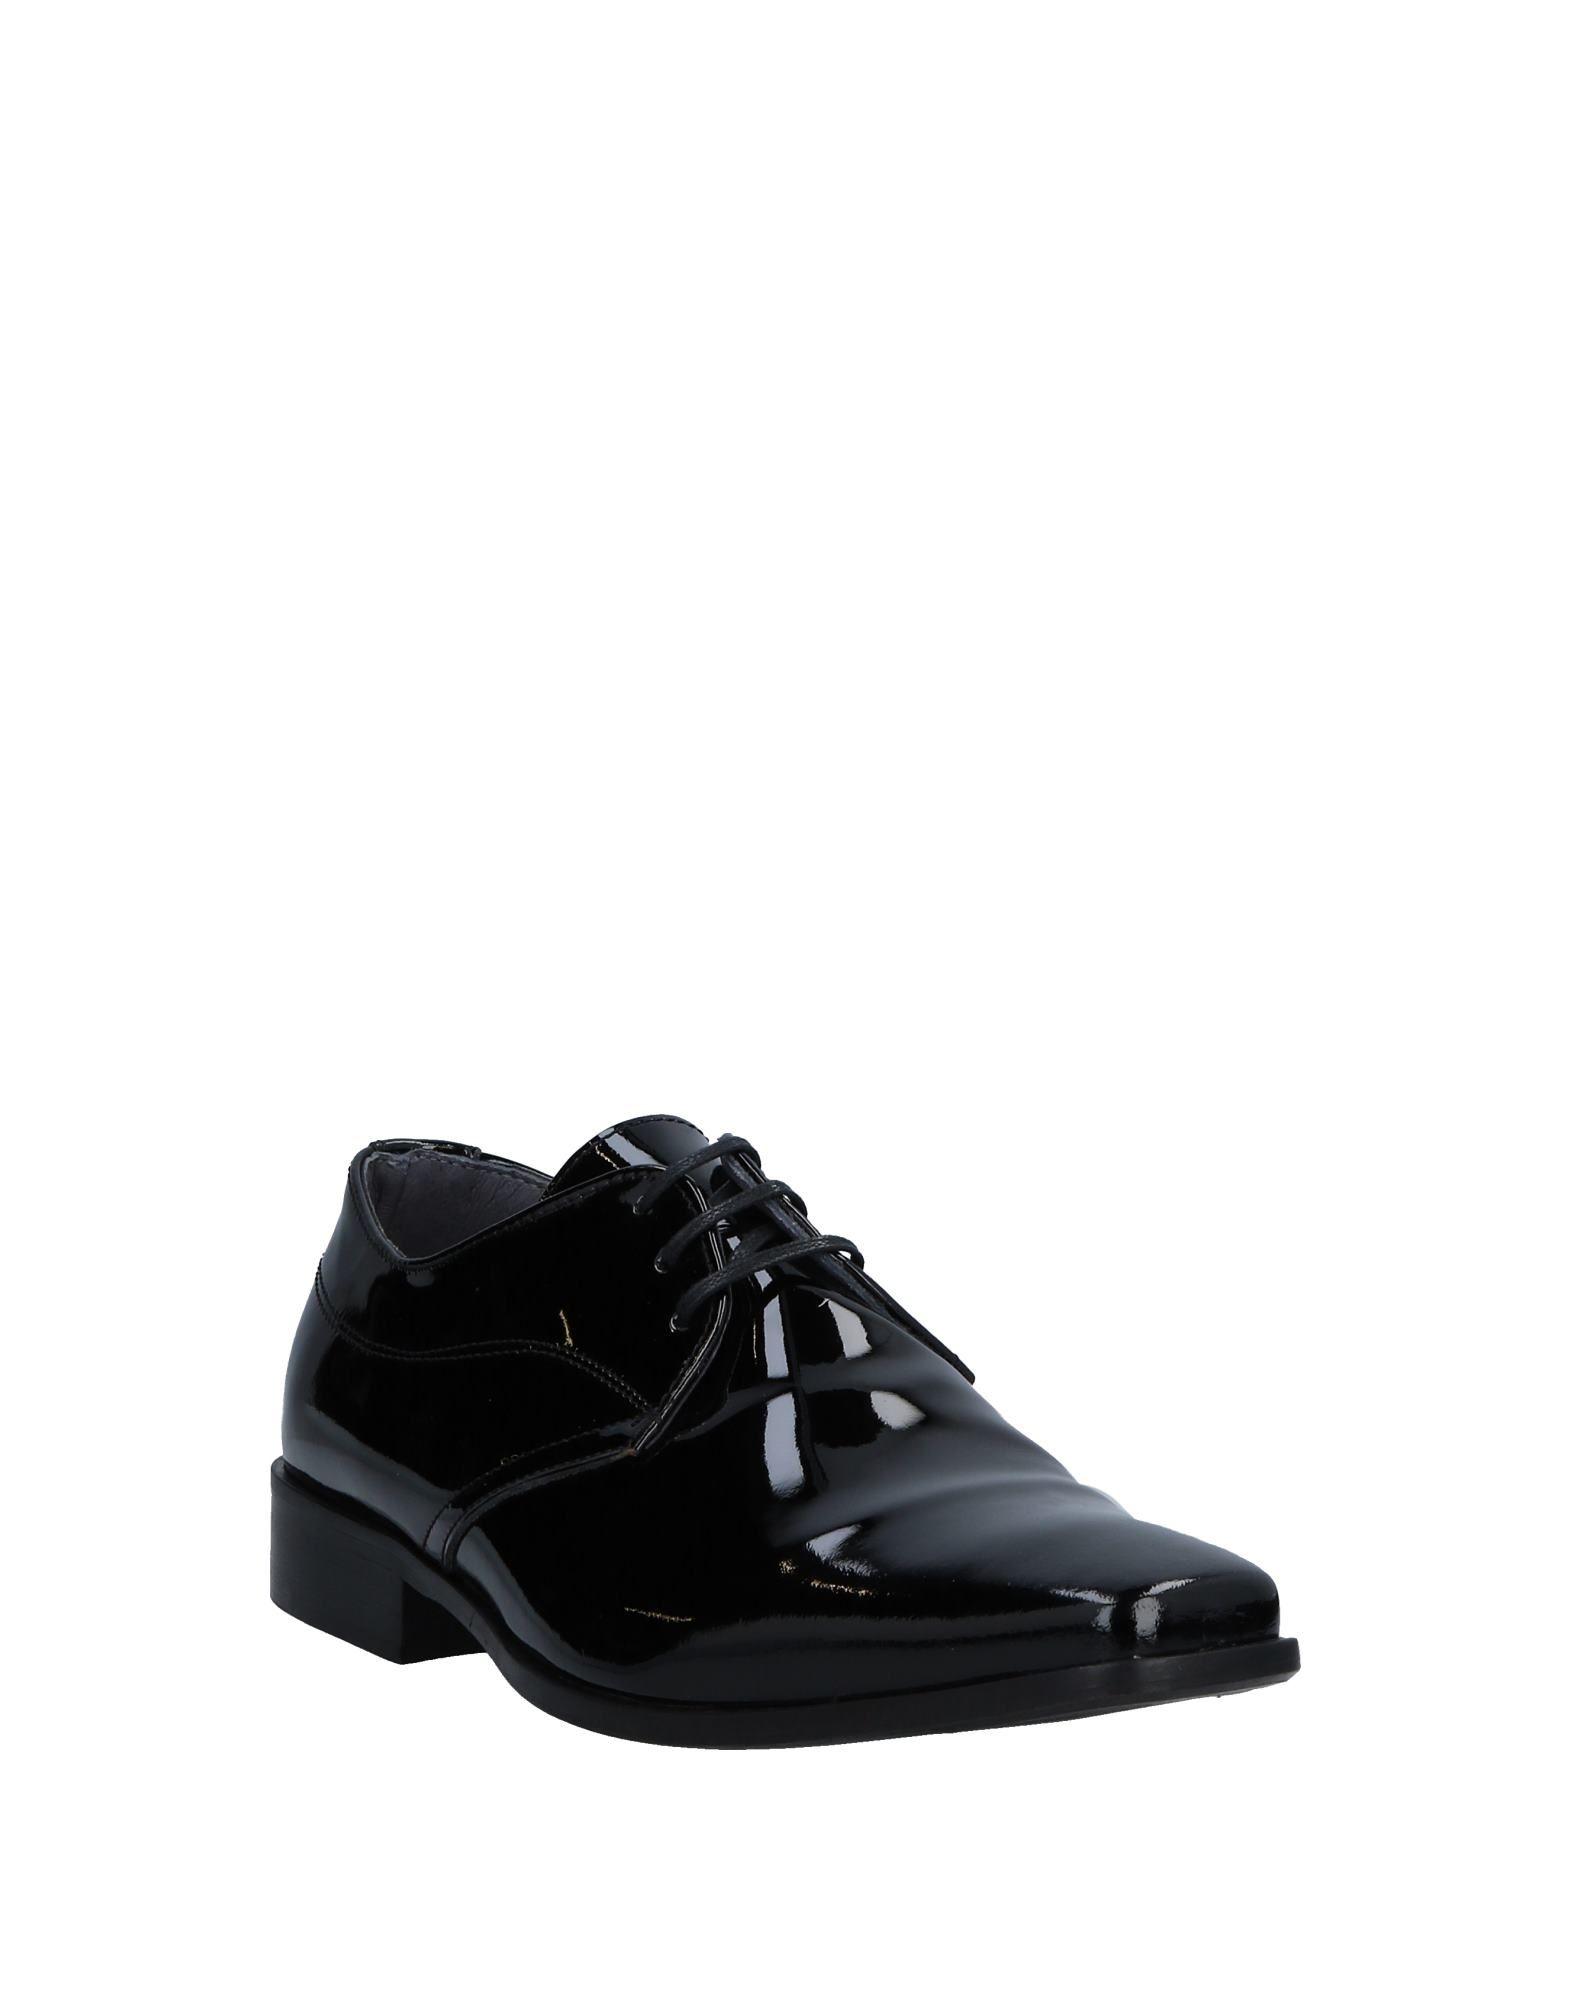 Rabatt Schnürschuhe echte Schuhe Antonio Crisci Schnürschuhe Rabatt Herren  11534923EC bda238